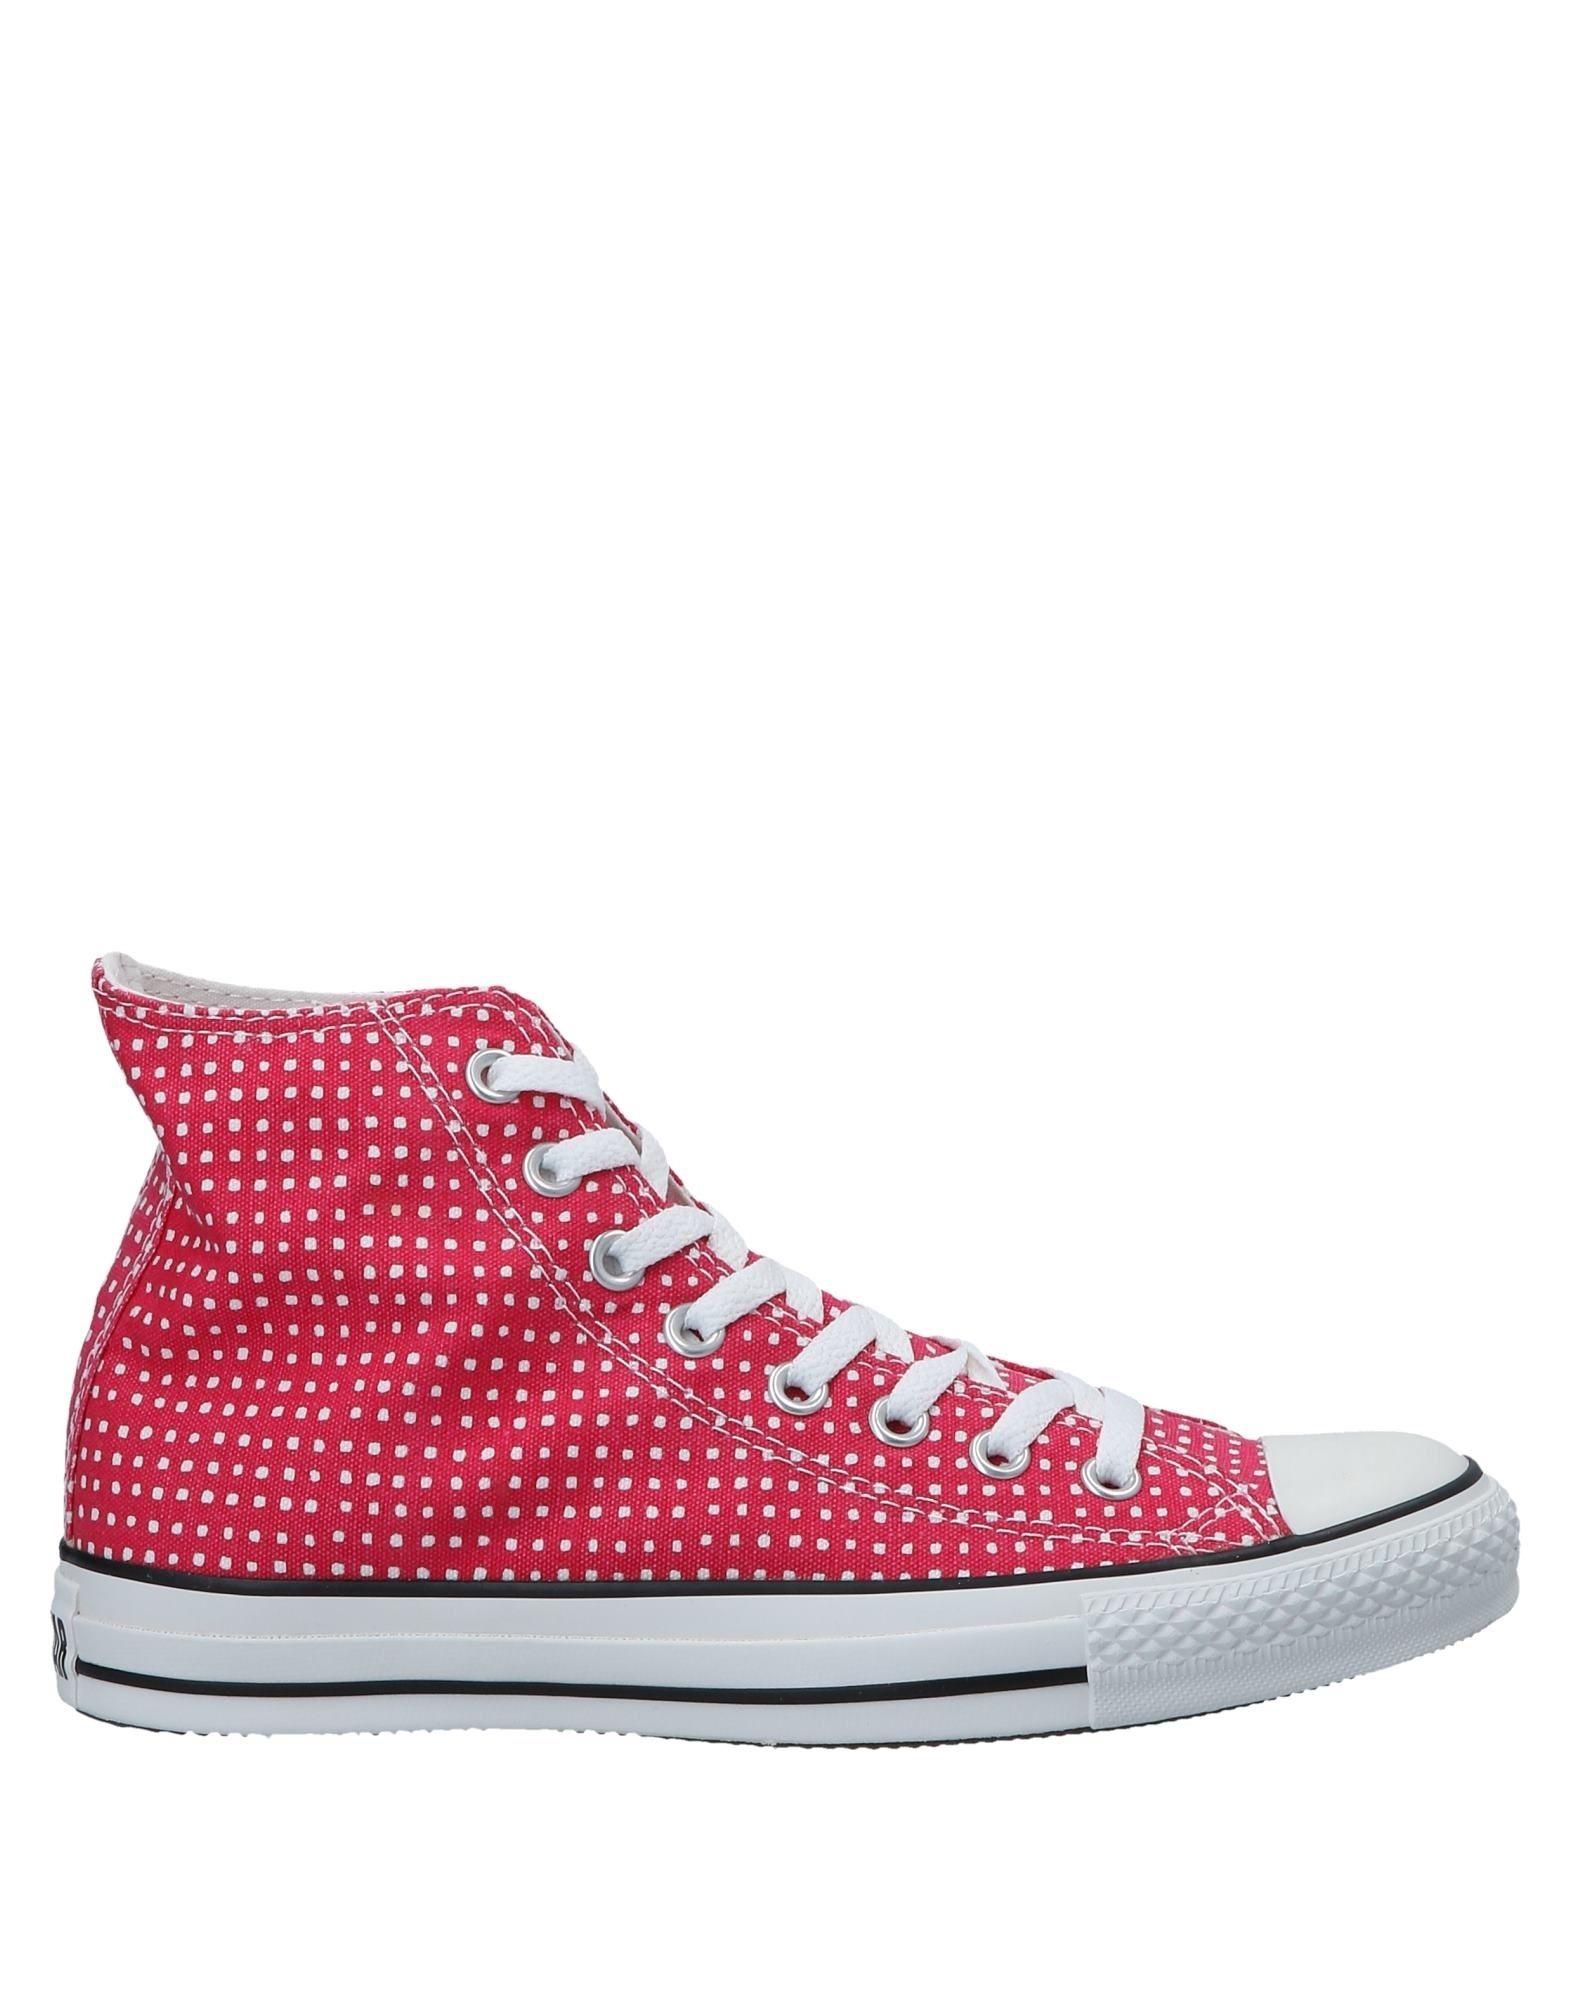 Converse All Star Sneakers Damen  11551777VK Gute Qualität beliebte Schuhe